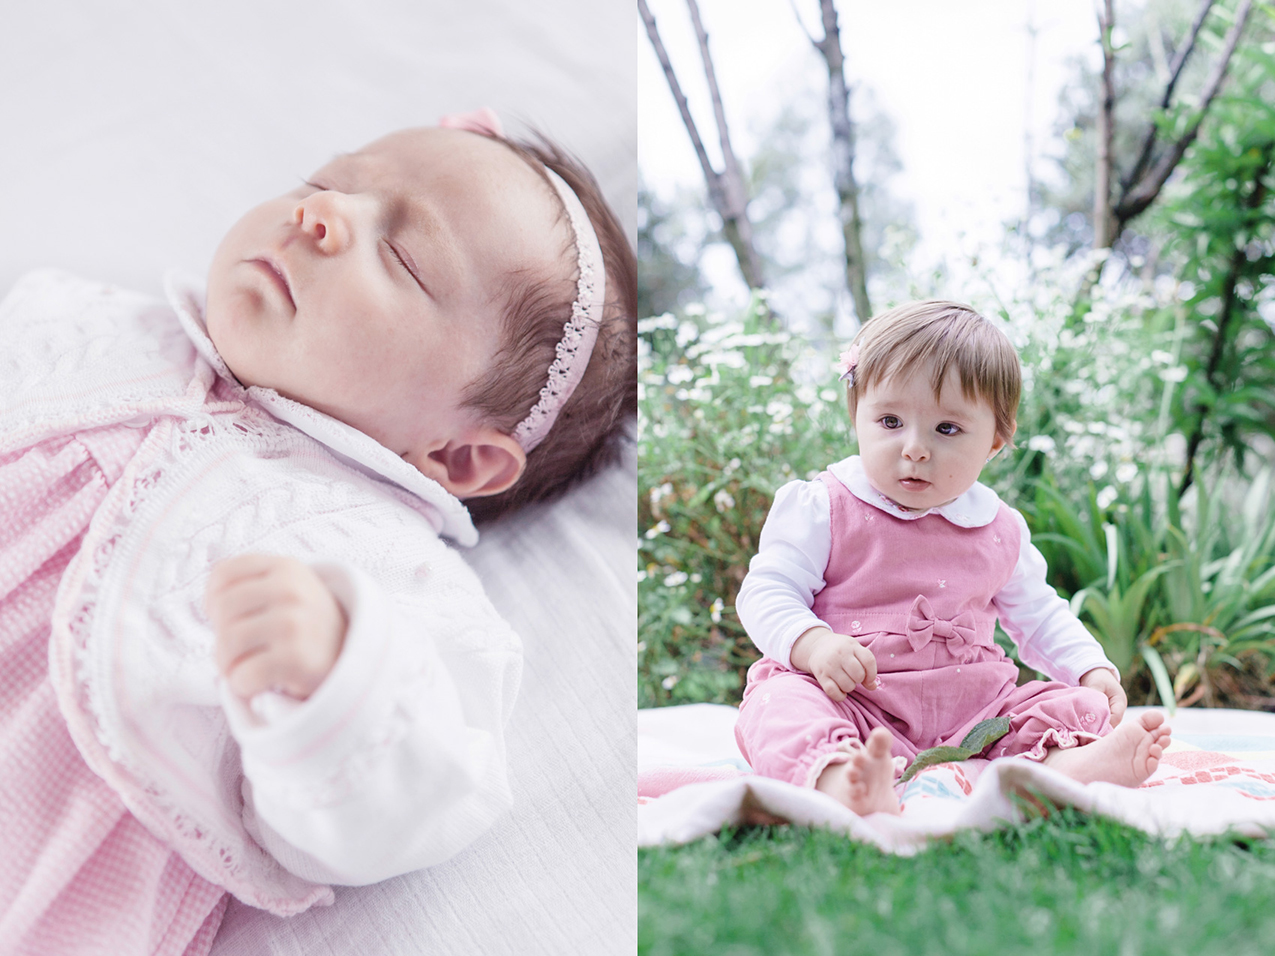 02fotografia-de-niños-bebes-recien-nacido-embarazo-retratos.jpg